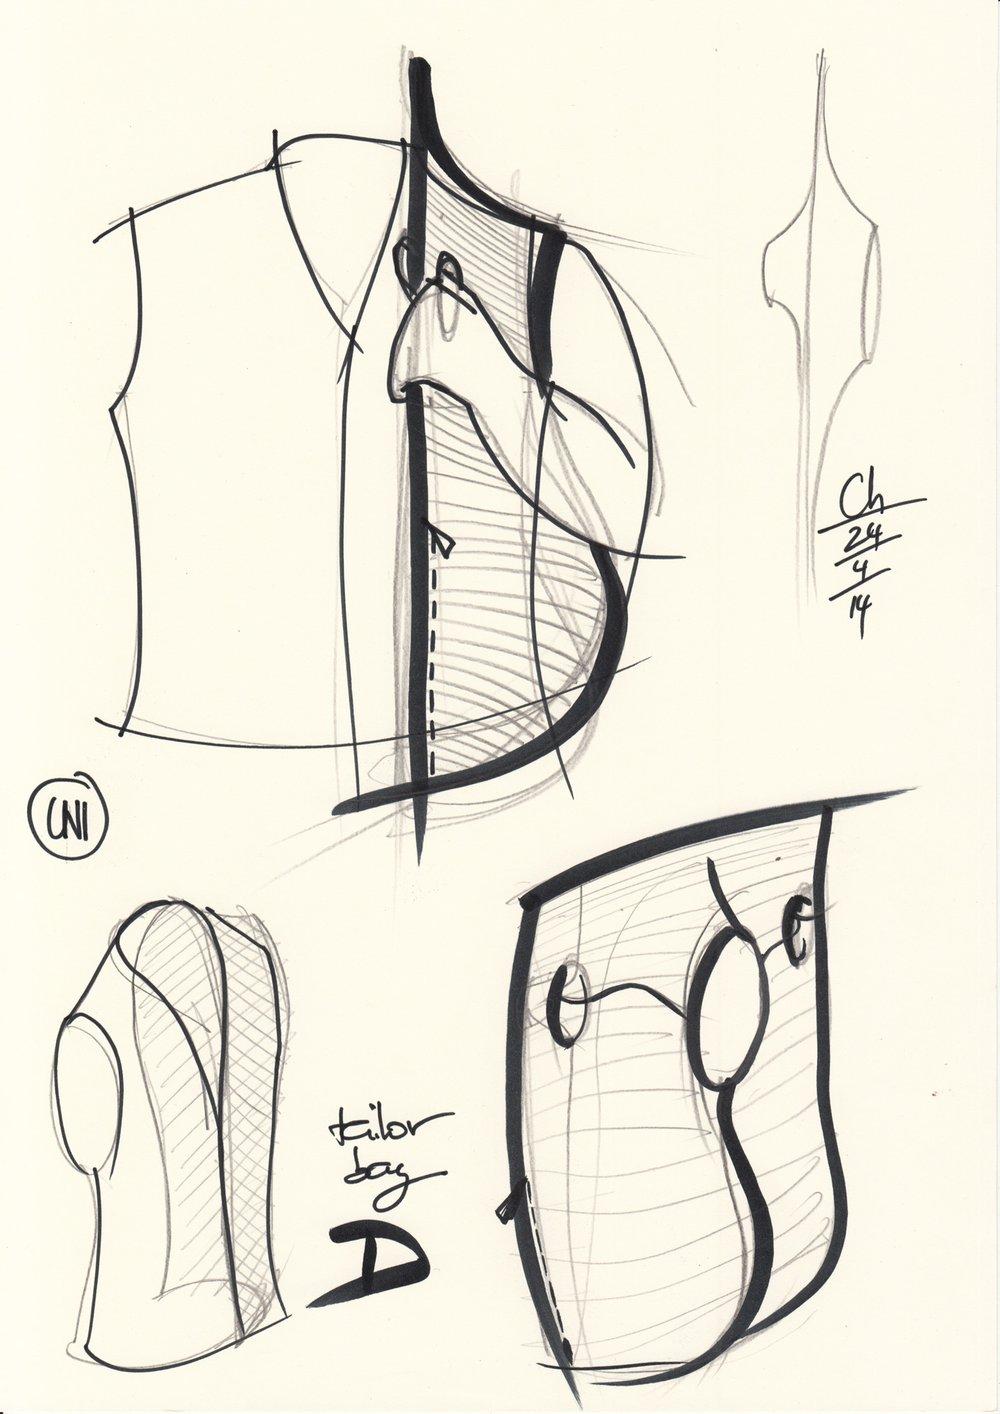 Tailor bag sketch